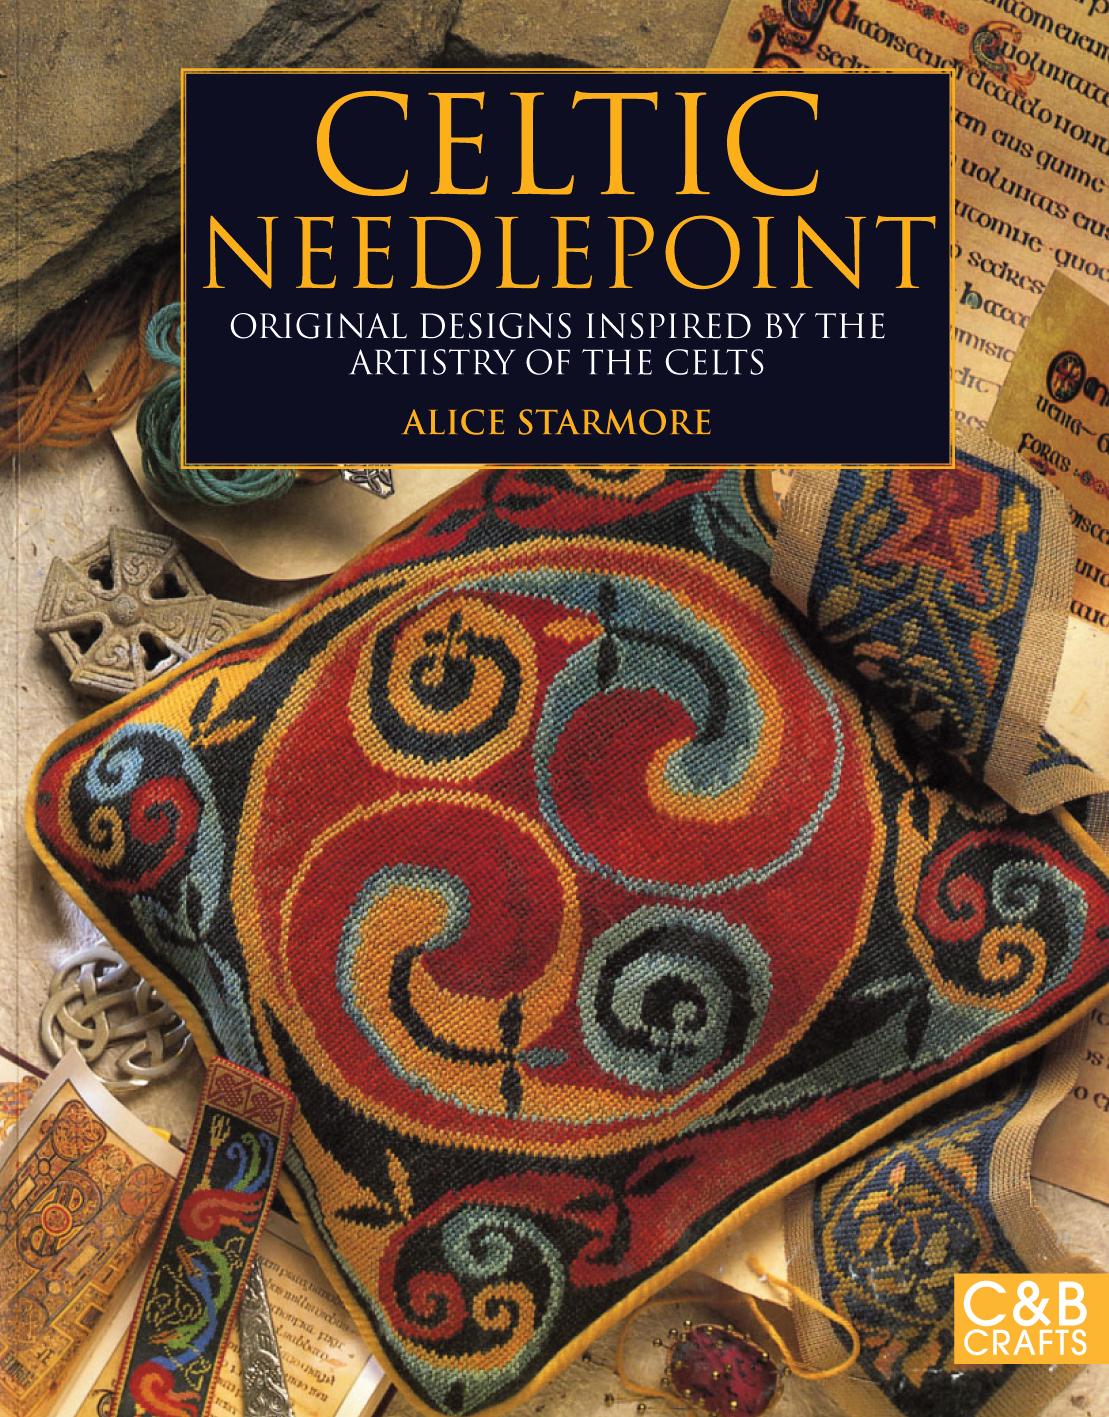 Celtic Needlepoint